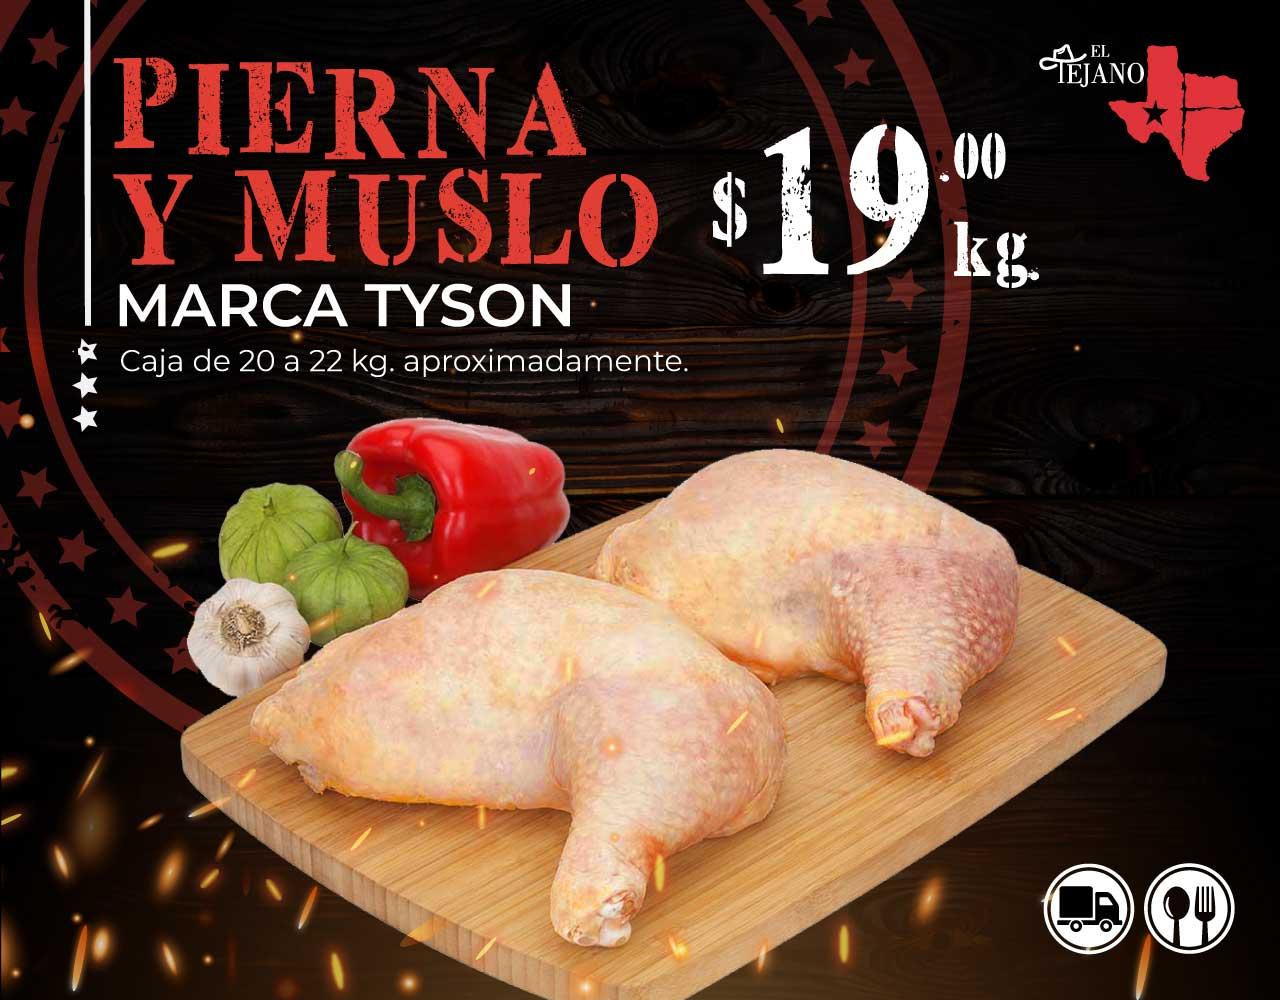 Promoción Pierna y Muslo Tyson